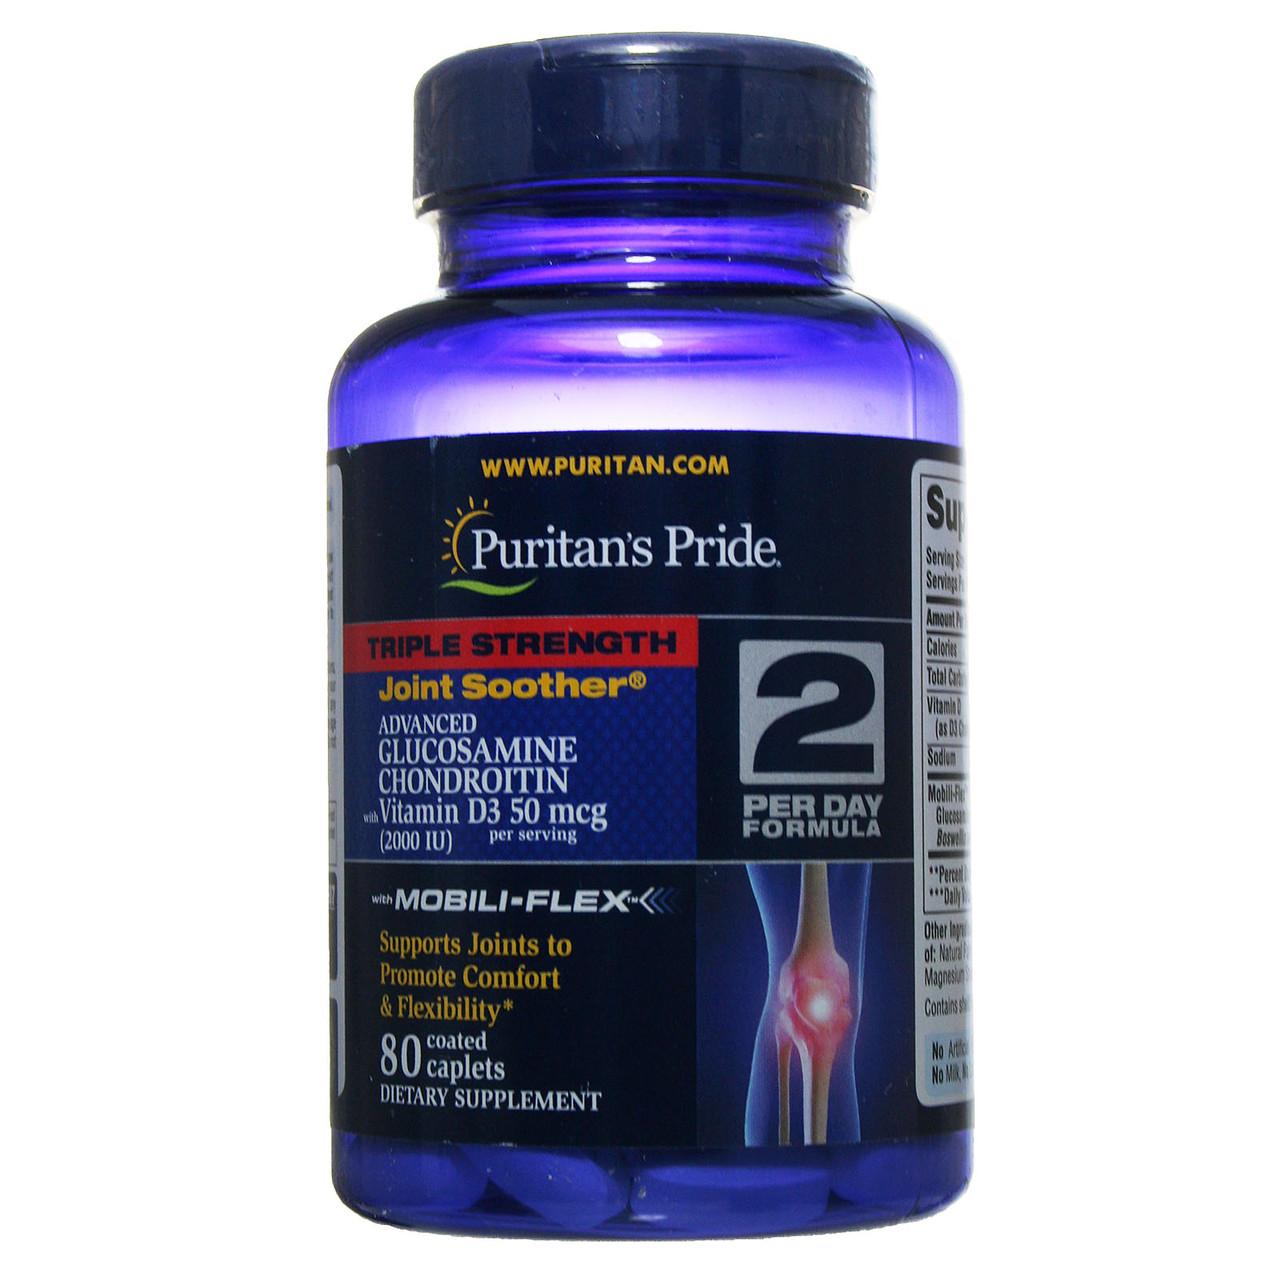 Глюкозамин Хондроитин Витамин Д3 тройного действия, Glucosamine Chondroitin with Vitamin D3, Puritan's Pride